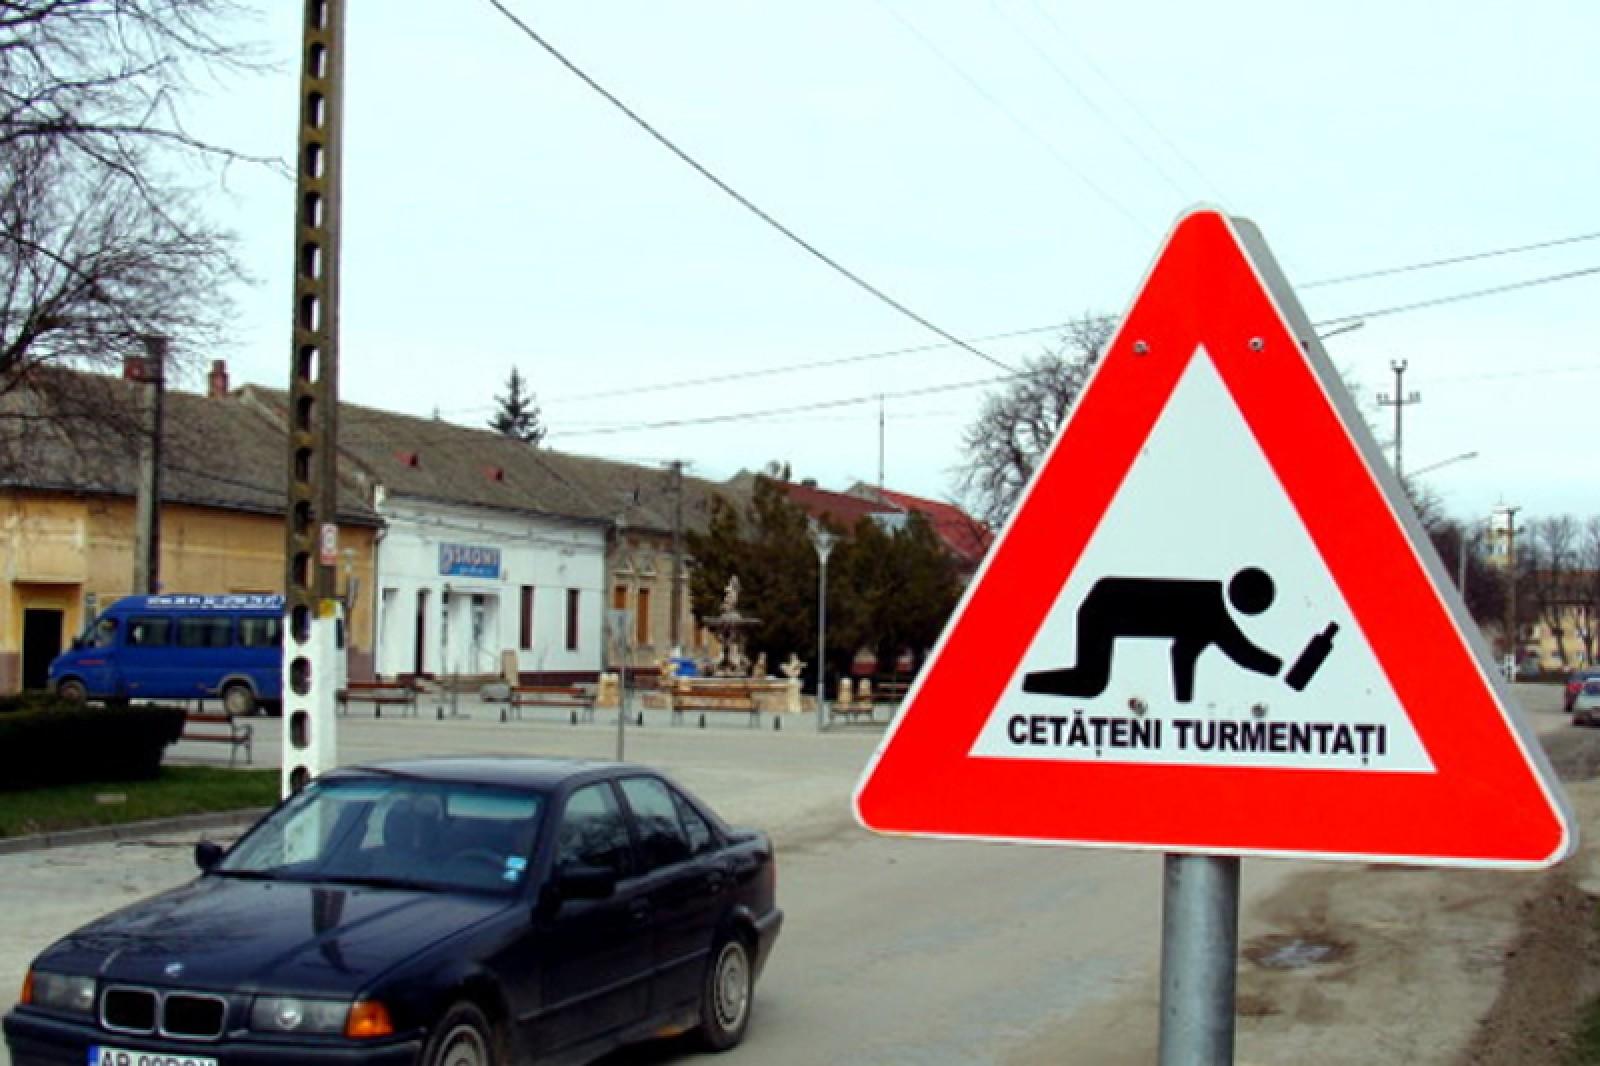 (foto) 11 dintre cele mai neobişnuite indicatoare rutiere. În România şi Ucraina există unele exclusive